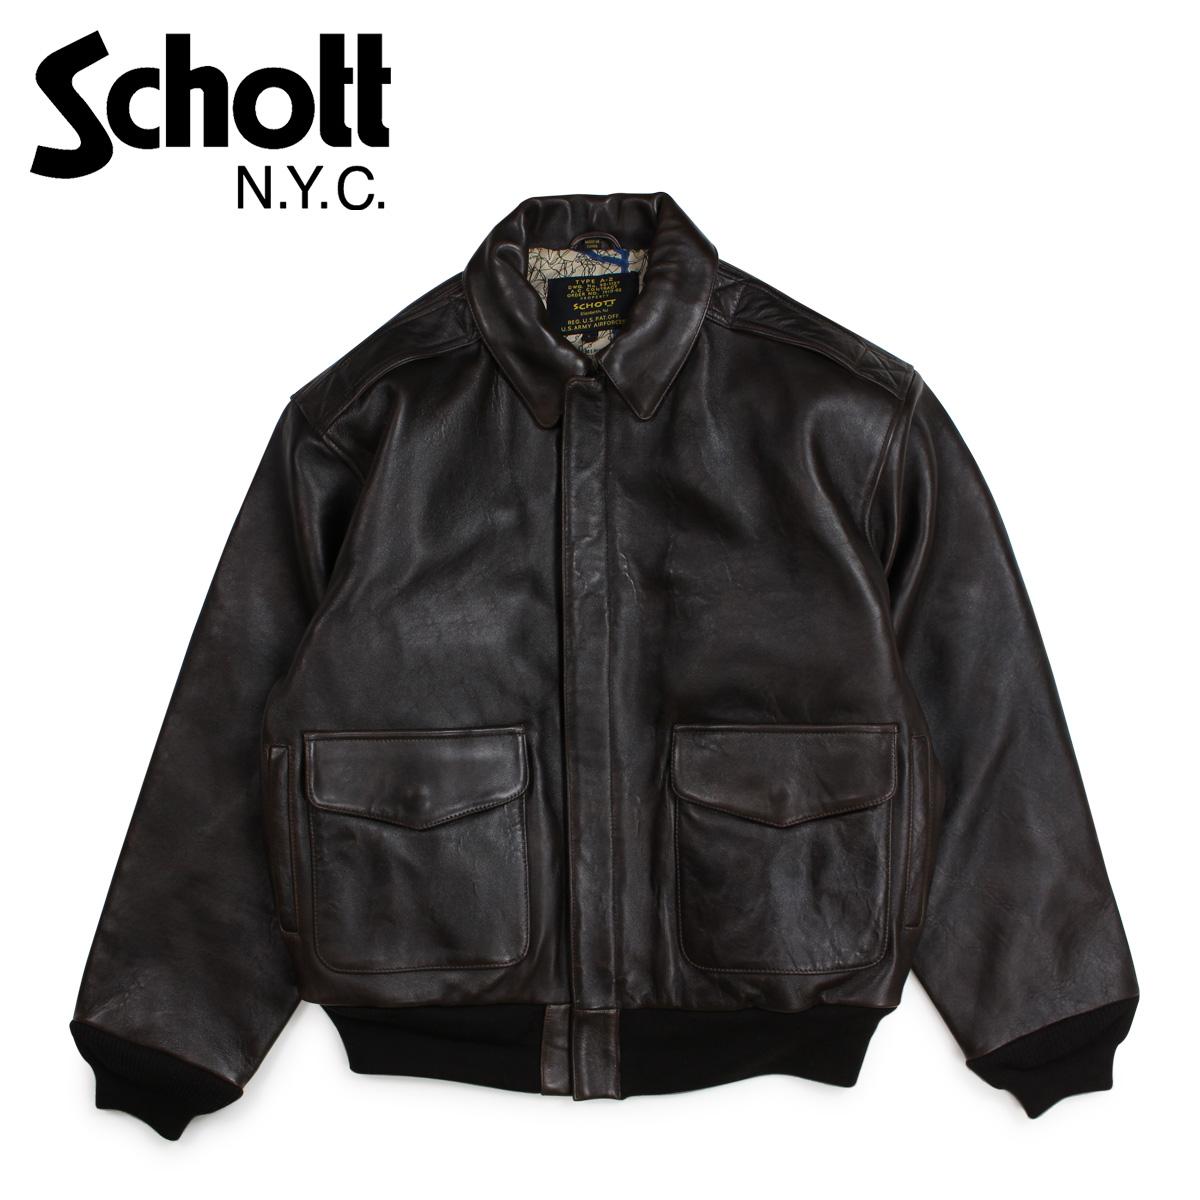 Schott ショット ジャケット ボンバージャケット メンズ MEN'S WAXY OILED LAMBSKIN A-2 BOMBER JACKET ブラウン P274